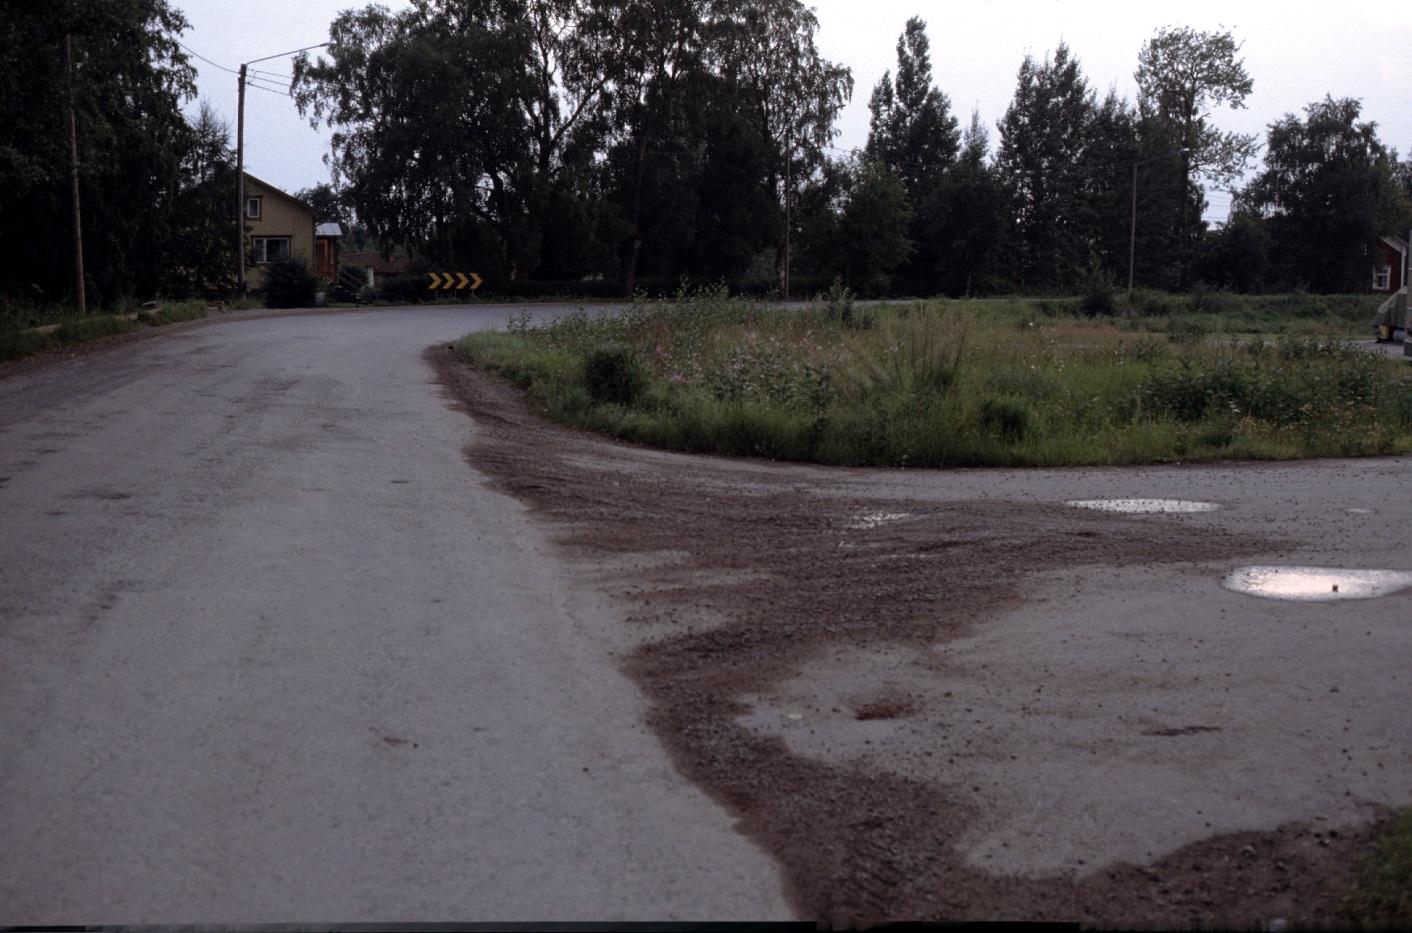 Vid Lindells snickeri gjorde landsvägen en tvär krök. Fotot från 1983 och mitt i bild Heiniös gård och riktigt i högra kanten skymtar Grans Lennart gård.